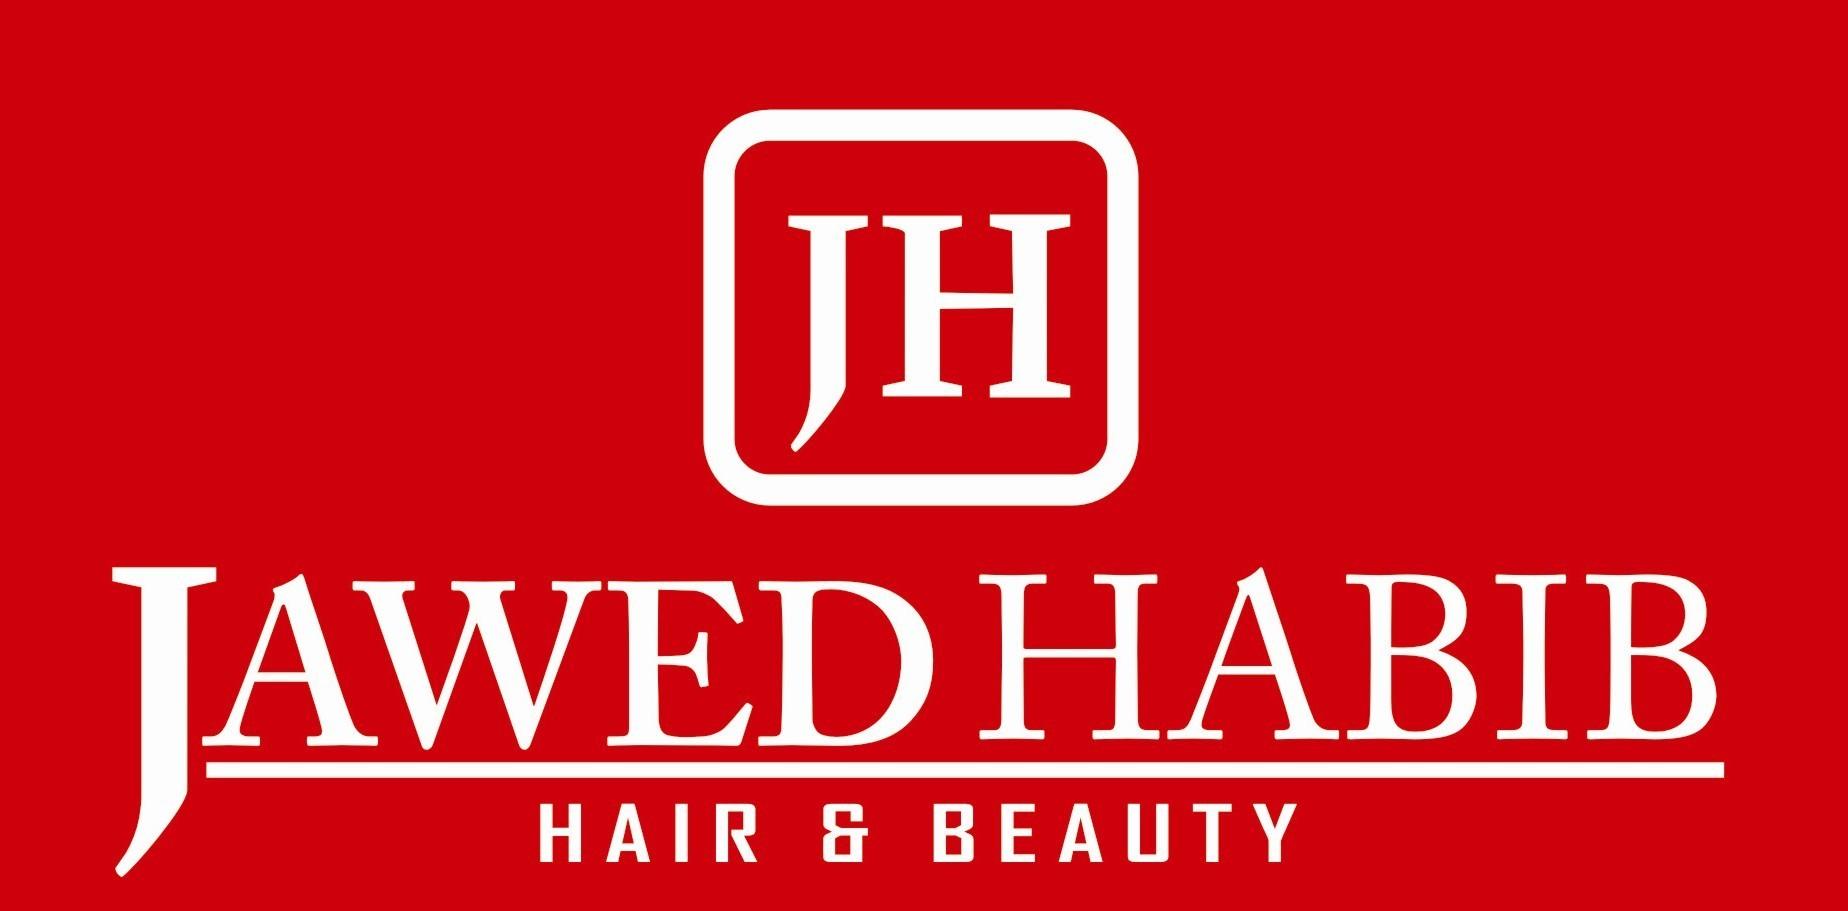 Jawed Habib Hair & Beauty Salons - Banjara Hill - Hyderabad Image